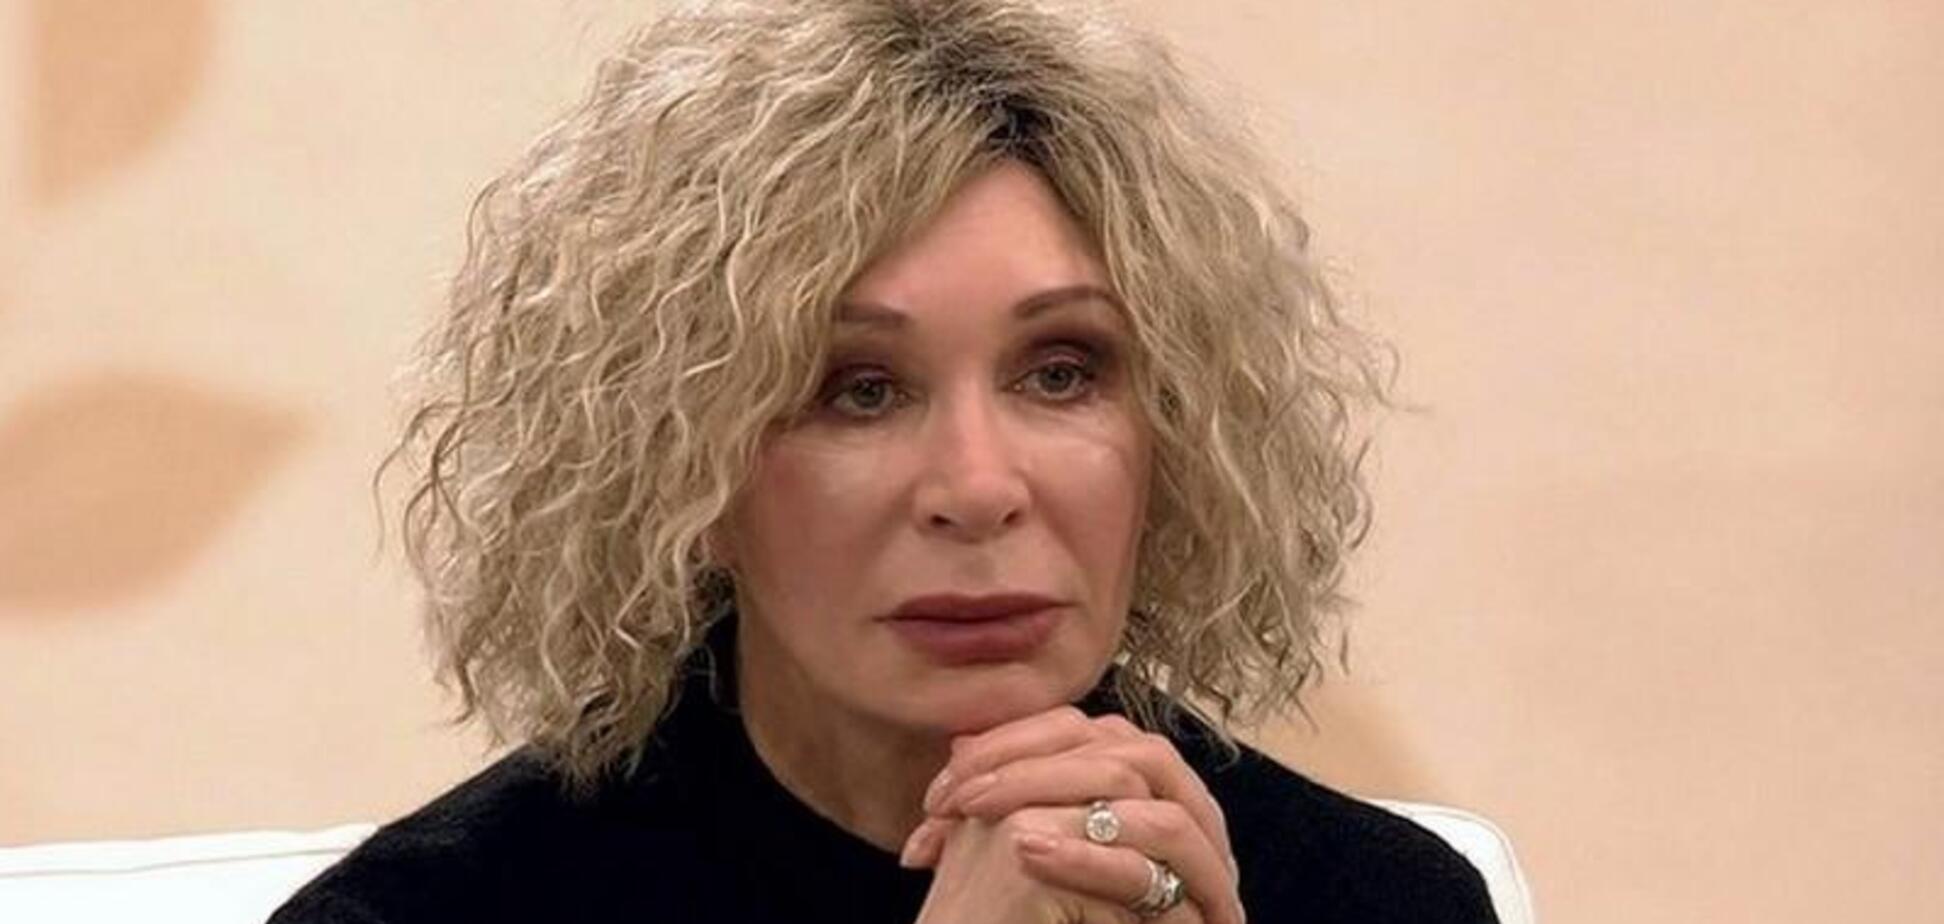 'Маска не спасет': 73-летняя актриса Васильева рассказала о заражении коронавирусом